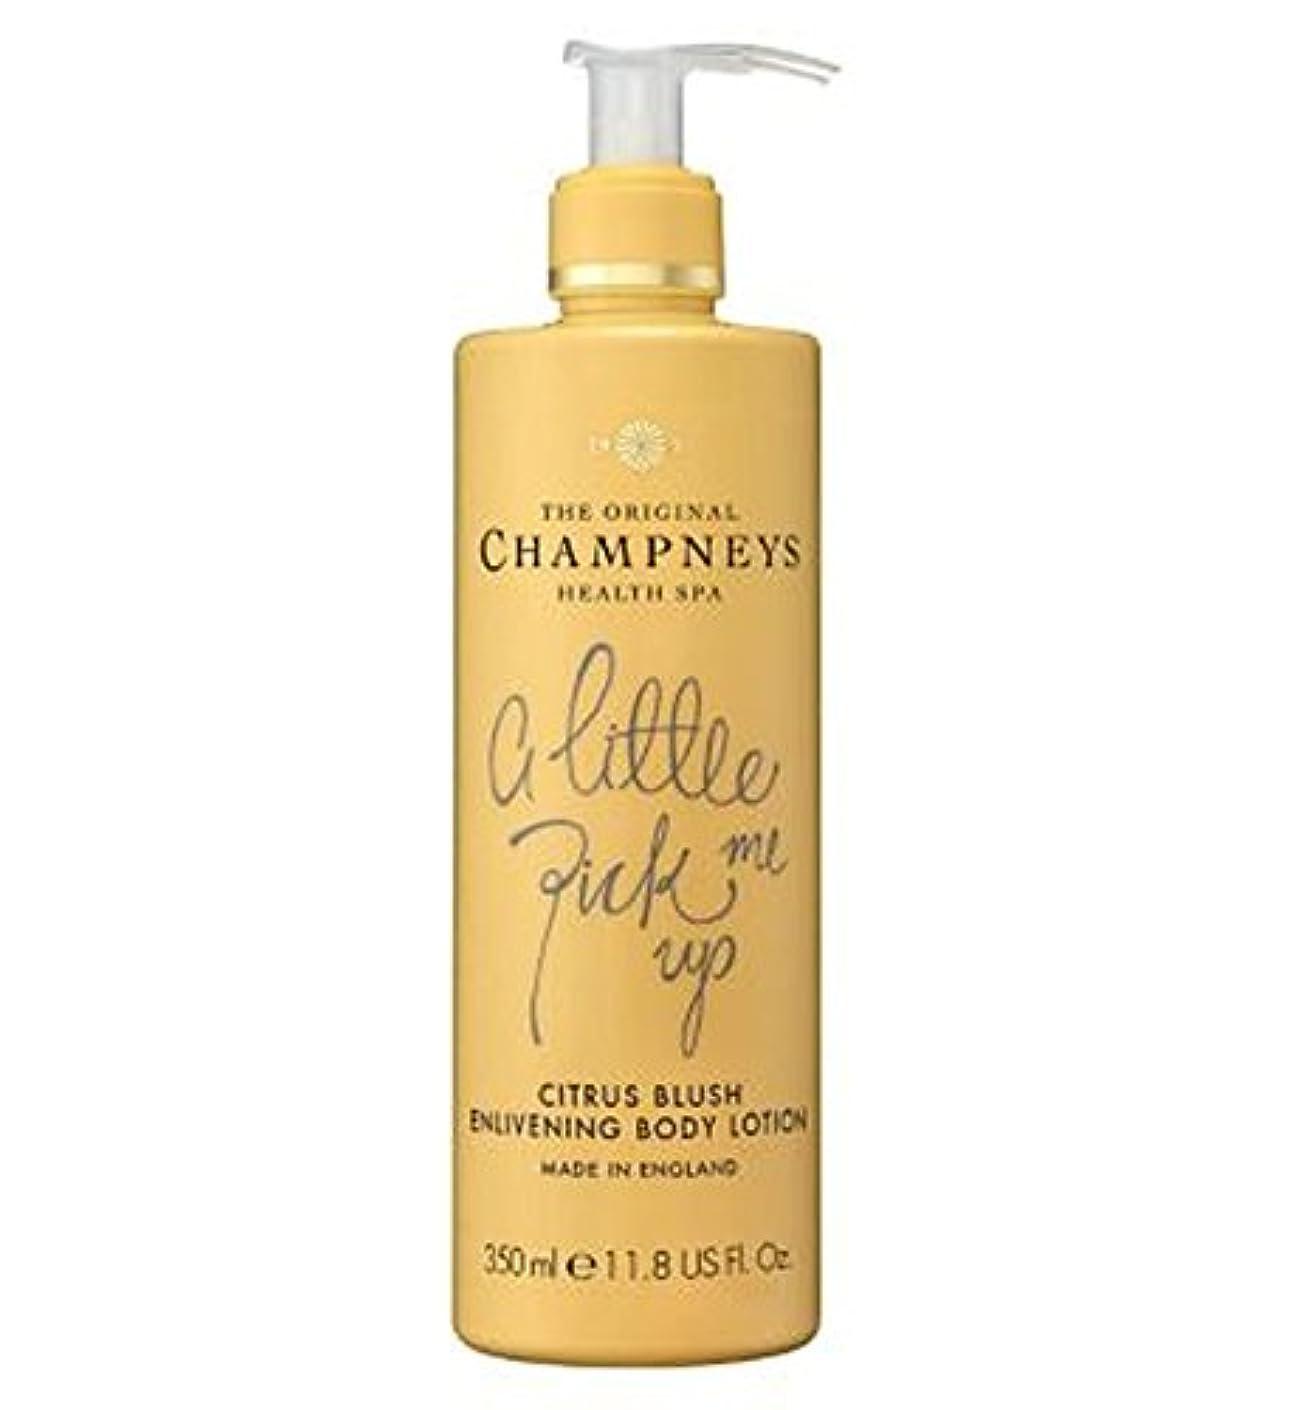 エジプト人迷信アンテナChampneys Citrus Blush Enlivening Body Lotion 350ml - チャンプニーズシトラス赤面盛り上げボディローション350ミリリットル (Champneys) [並行輸入品]